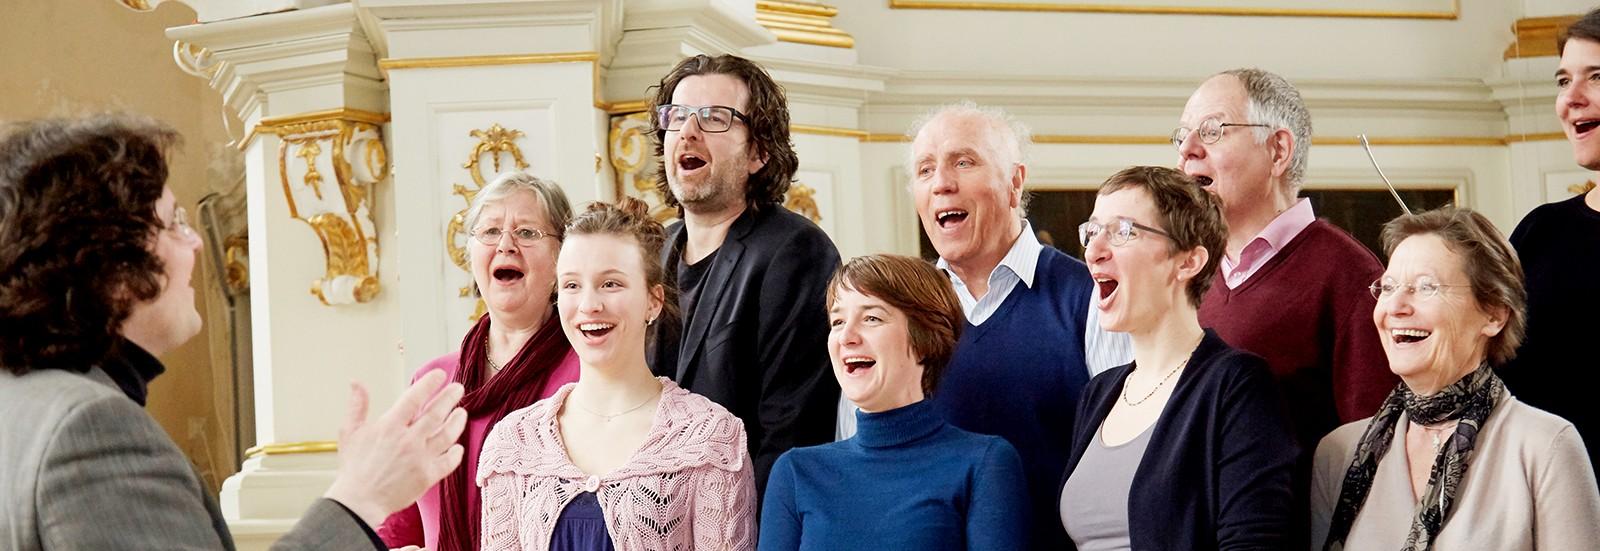 Sängerinnen und Sänger und Dirigent